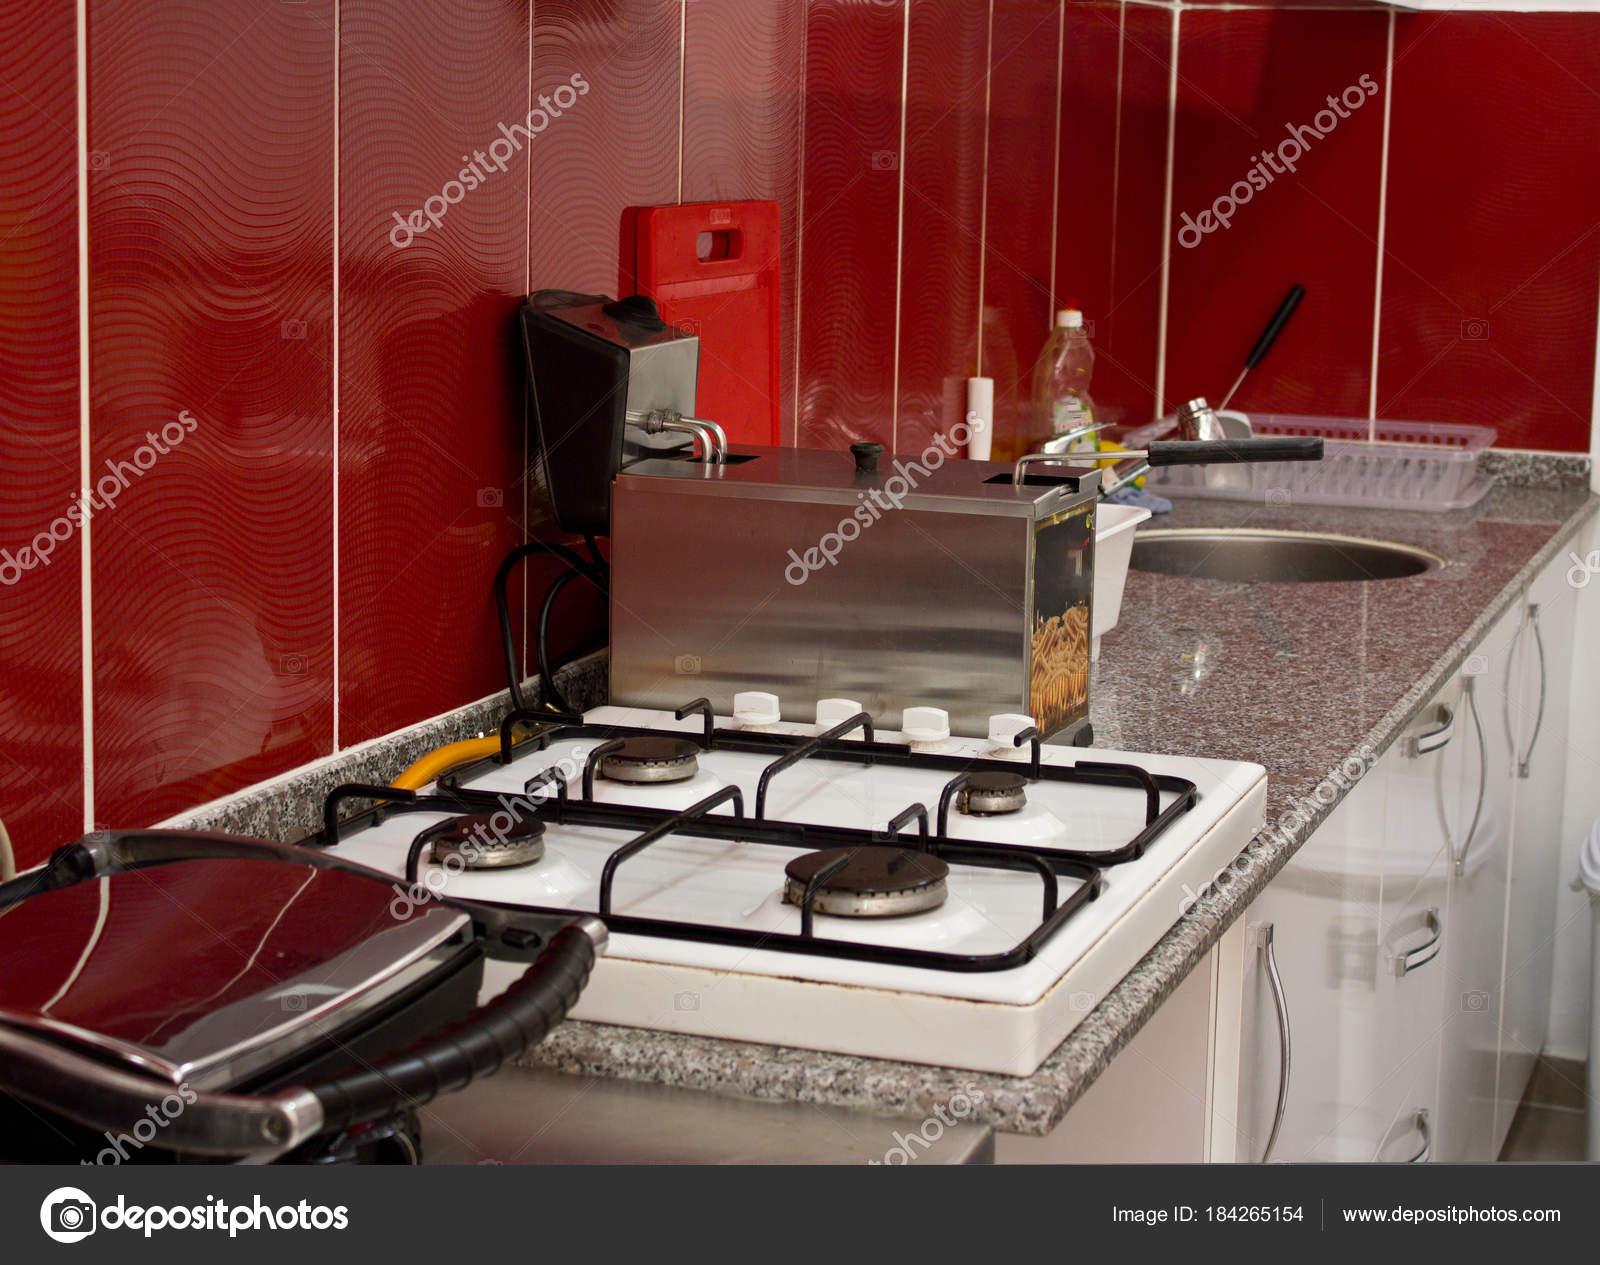 Cozinha E Utens Lios De Cozinha No Restaurante Fritadeira Fog O